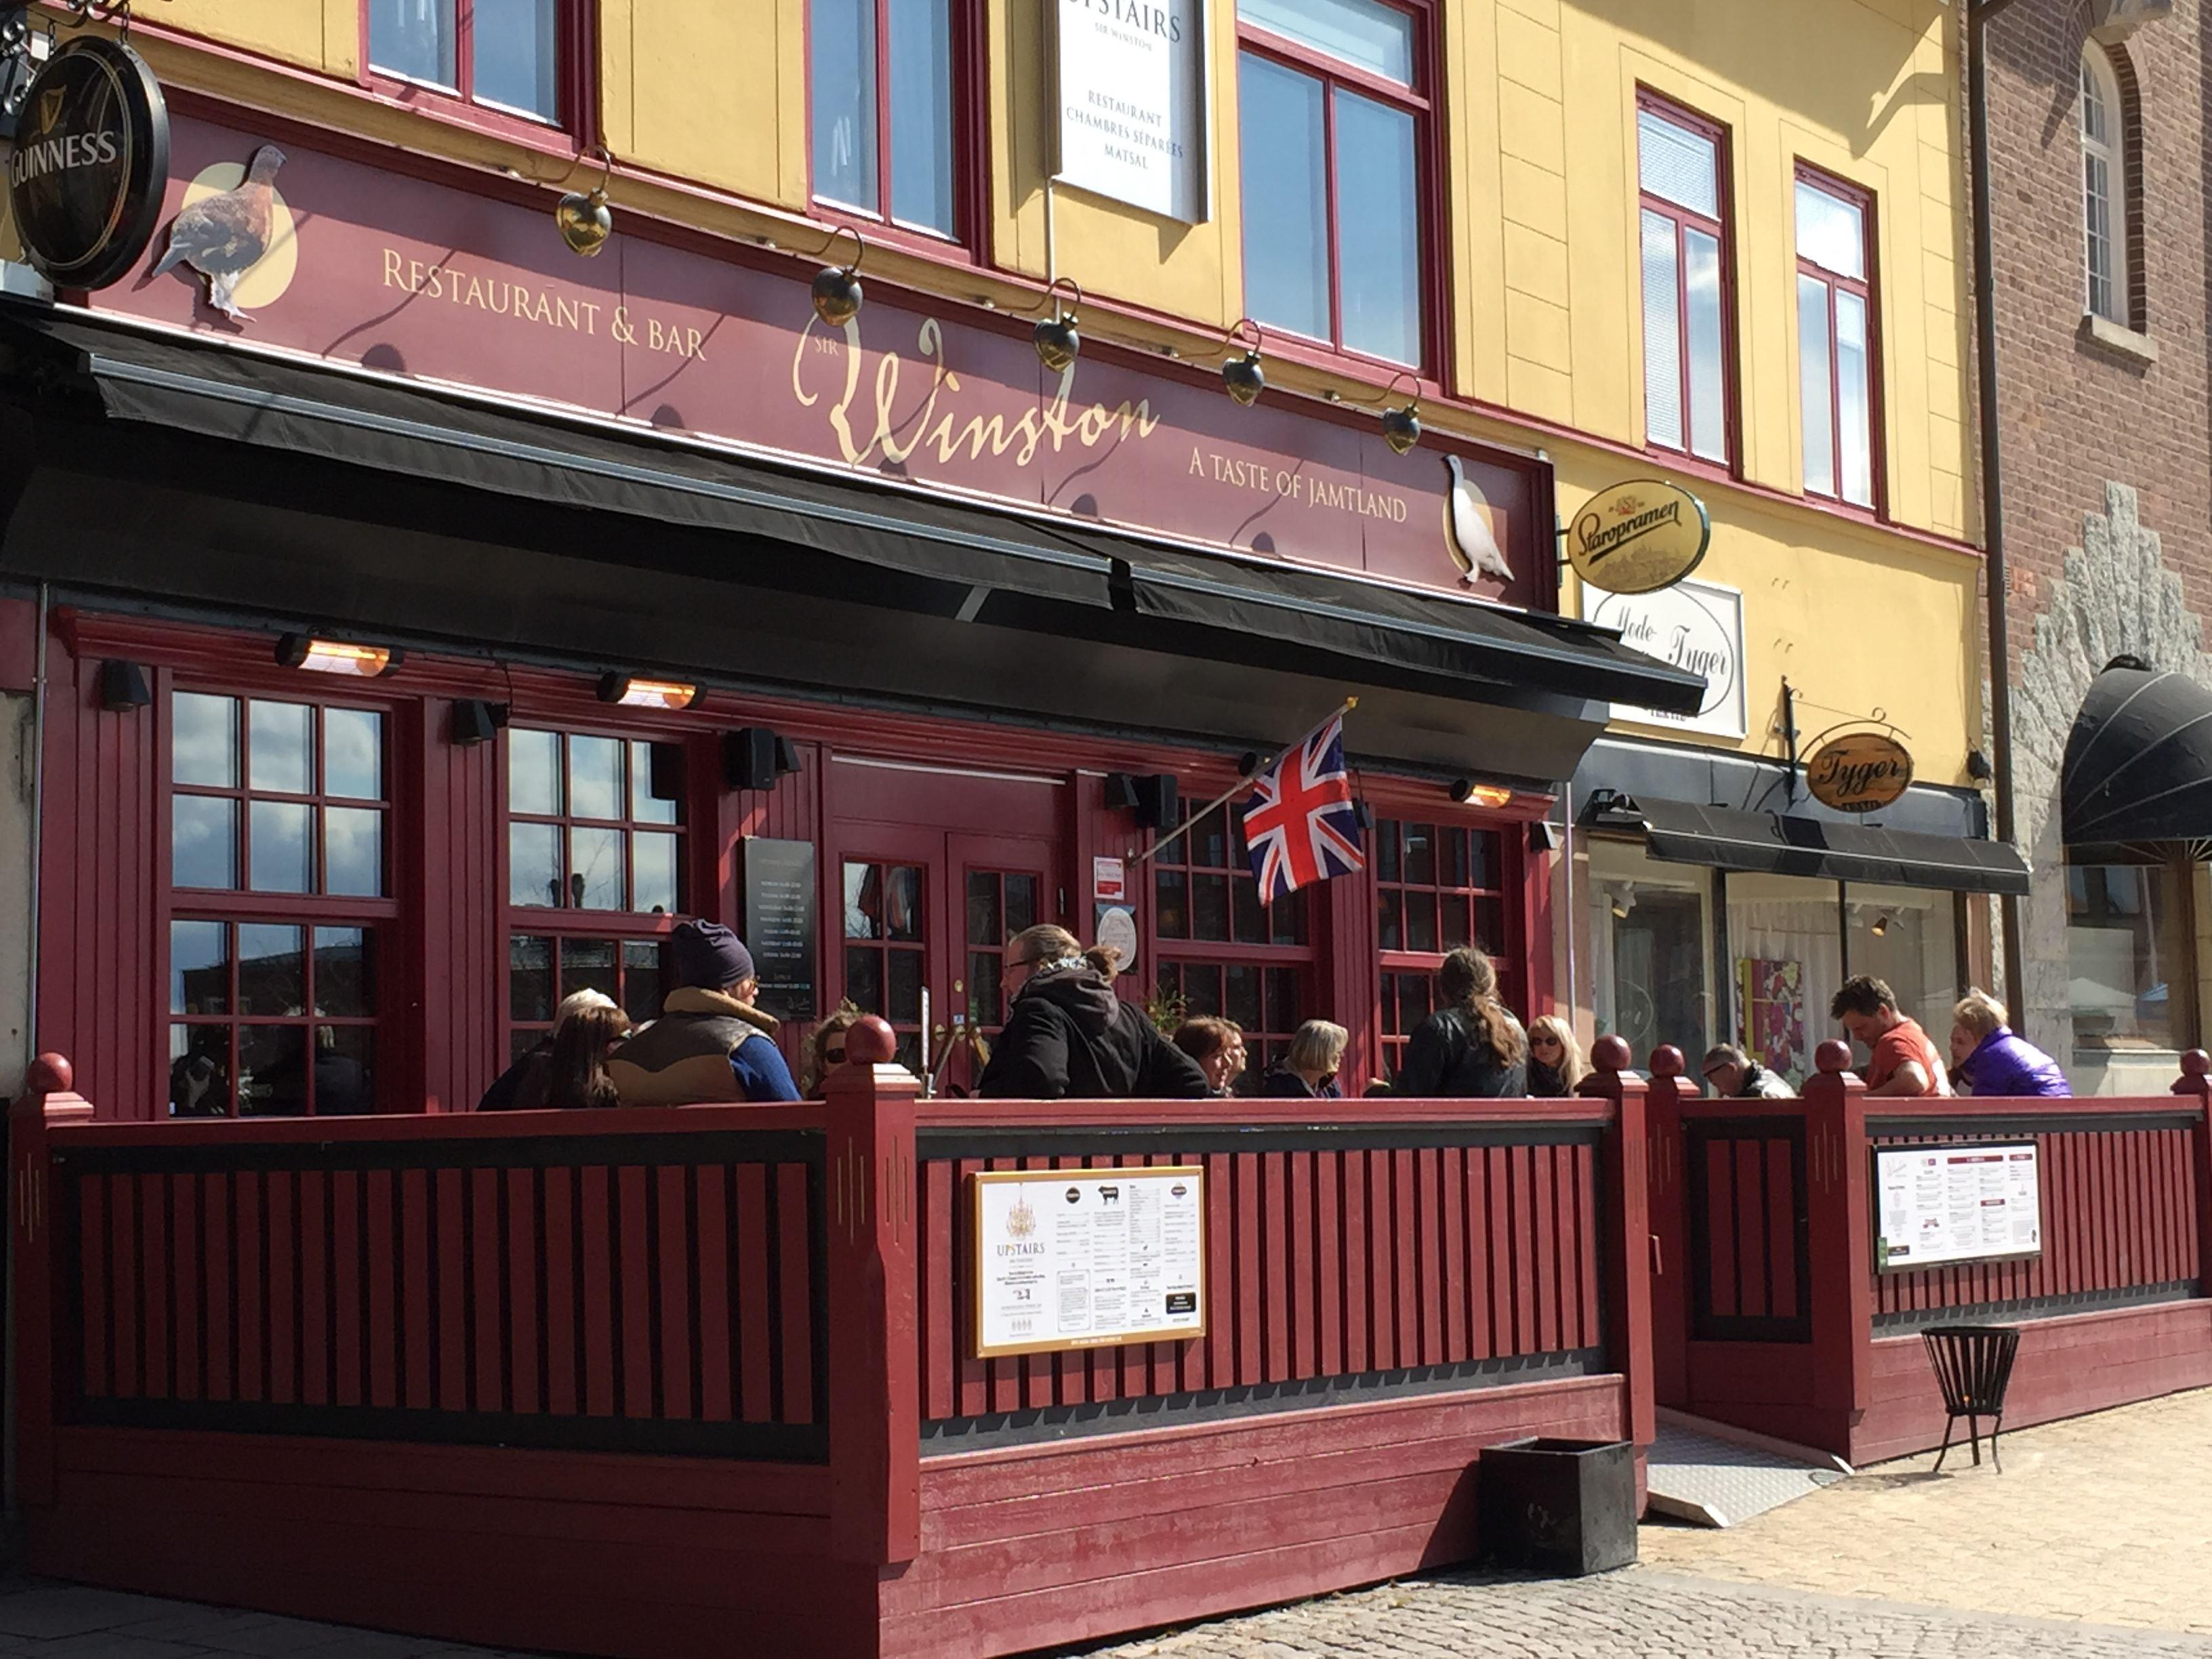 Foto: Sir Winston,  © Copy: Sir Winston, Sir Winston Restaurant & Bar